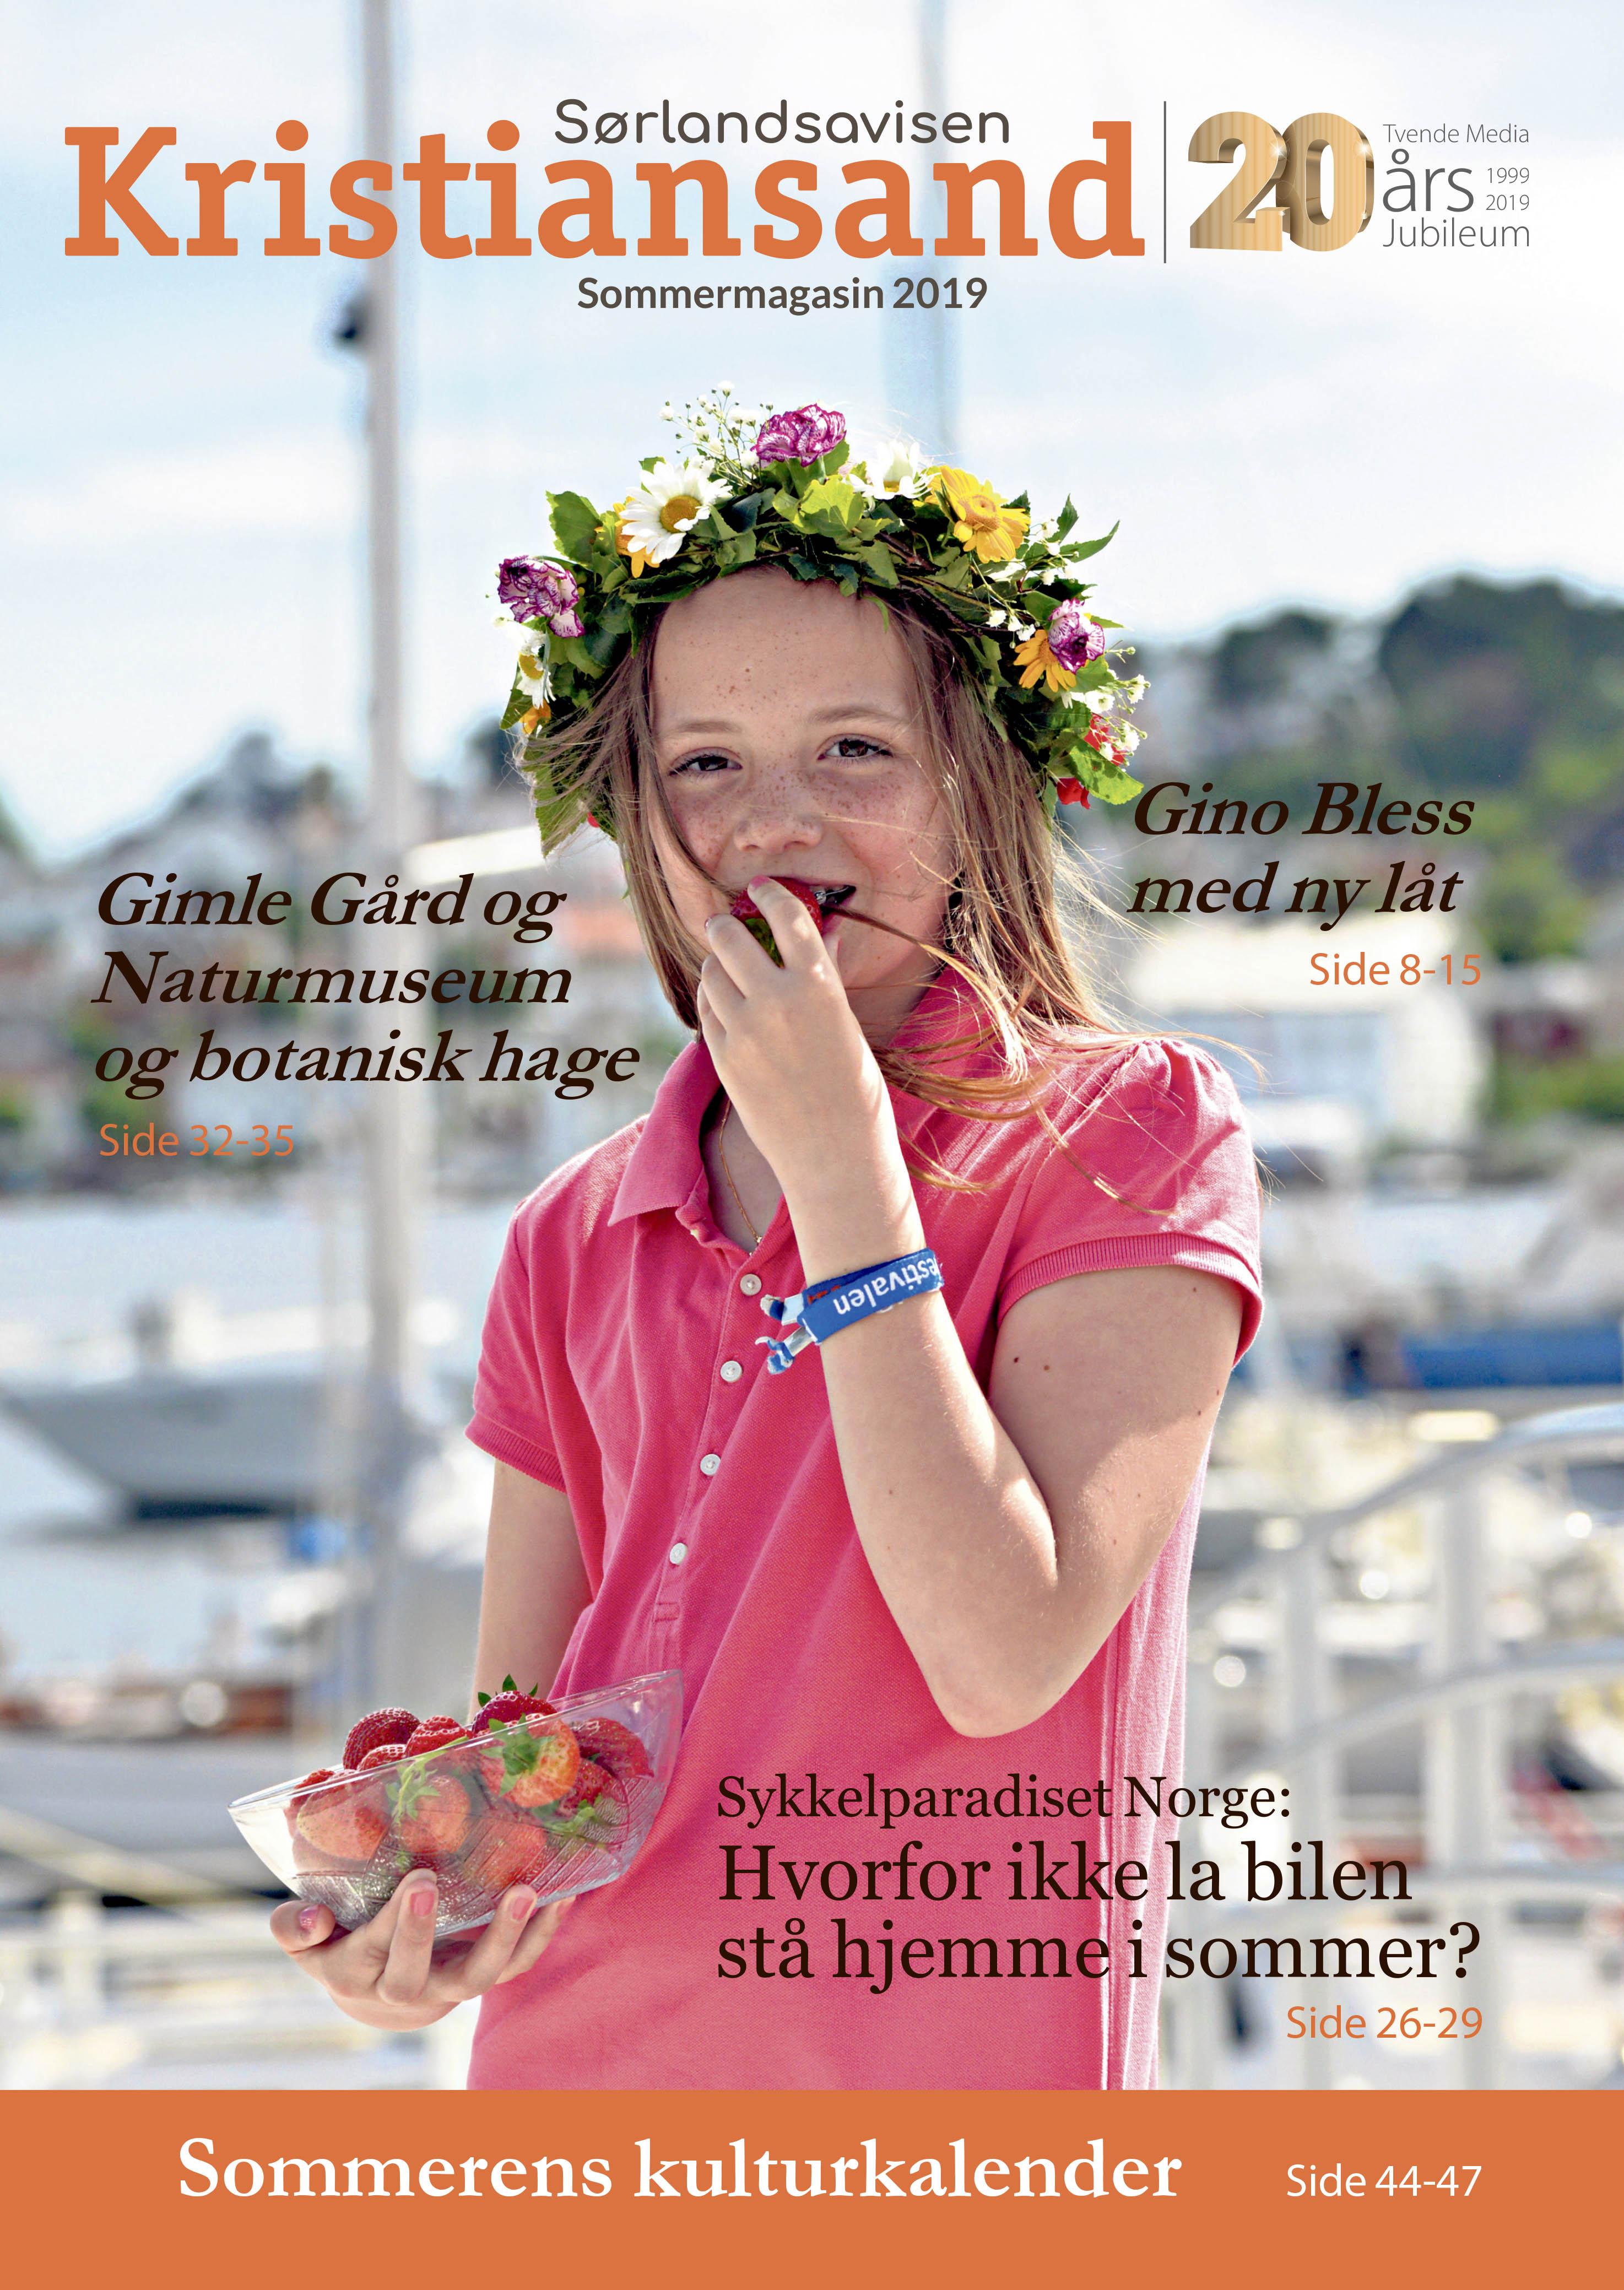 Forsiden Sommermagasin